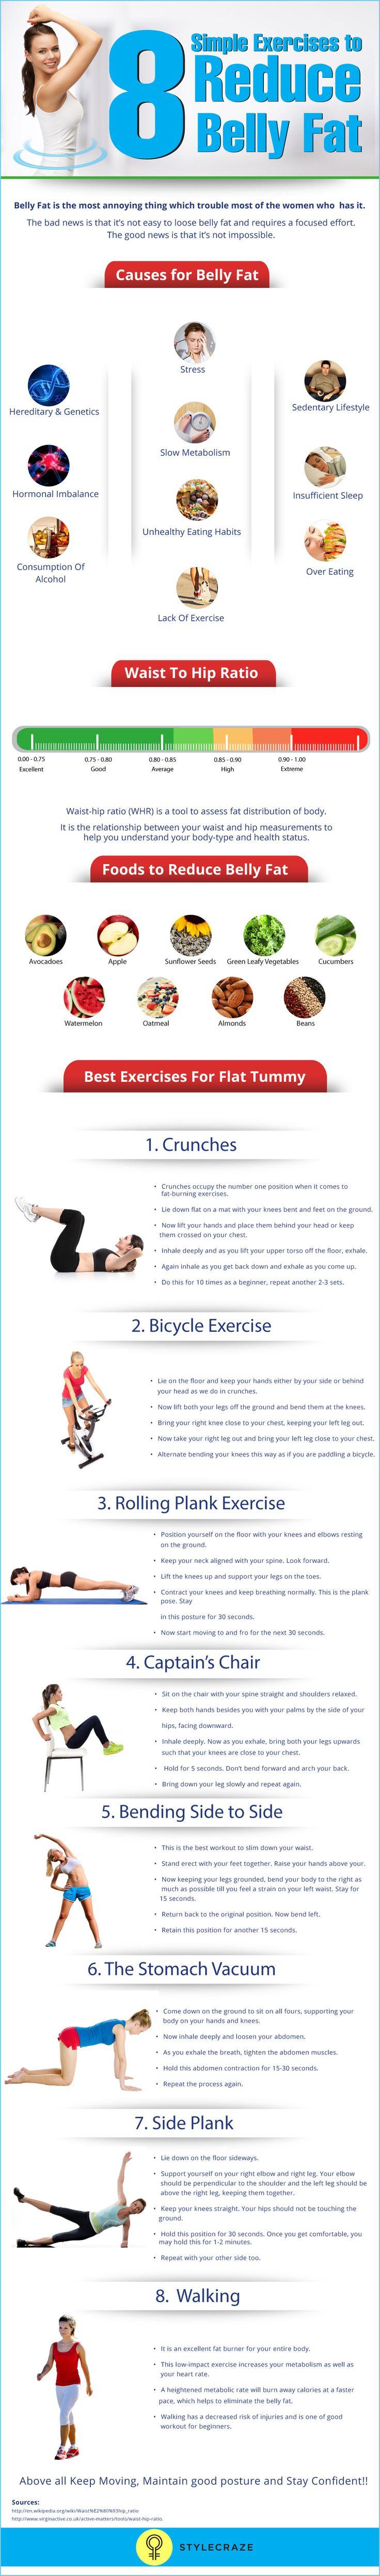 17 exercices simples pour réduire la graisse du ventre